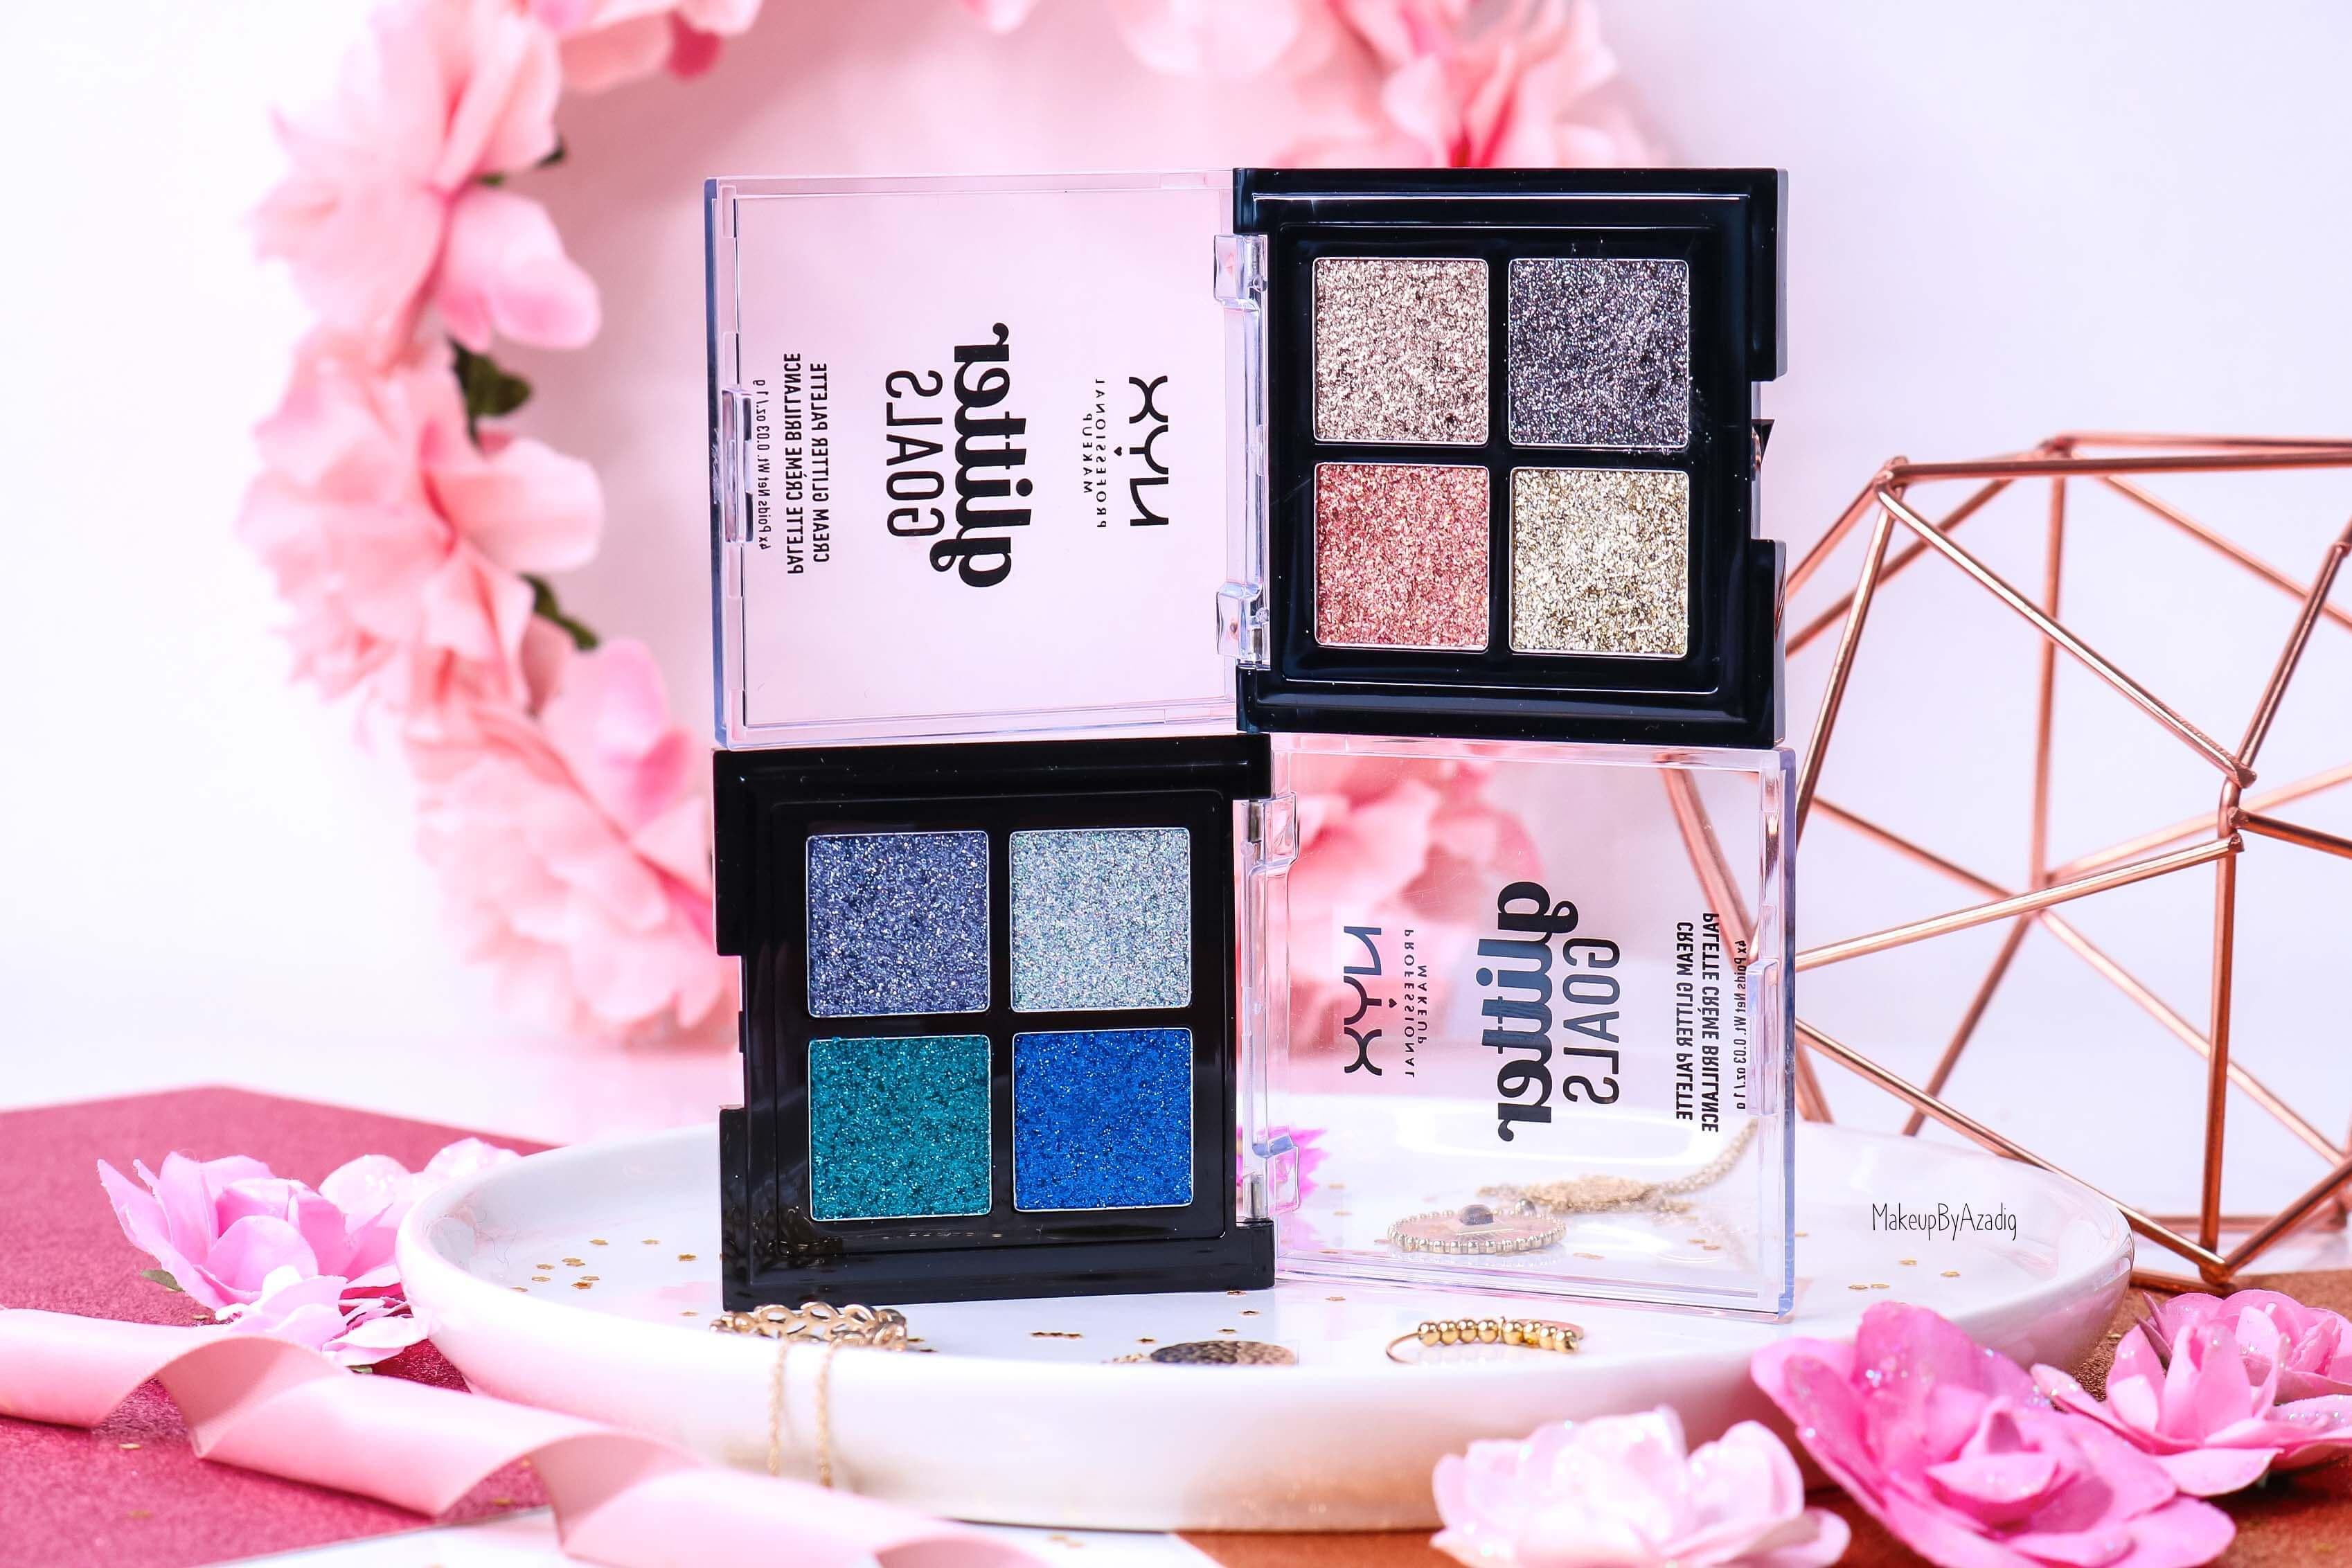 revue-palette-glitter-goals-nyx-professional-makeup-festival-coachella-avis-prix-paillette-makeupbyazadig-galactica-glacier-collection